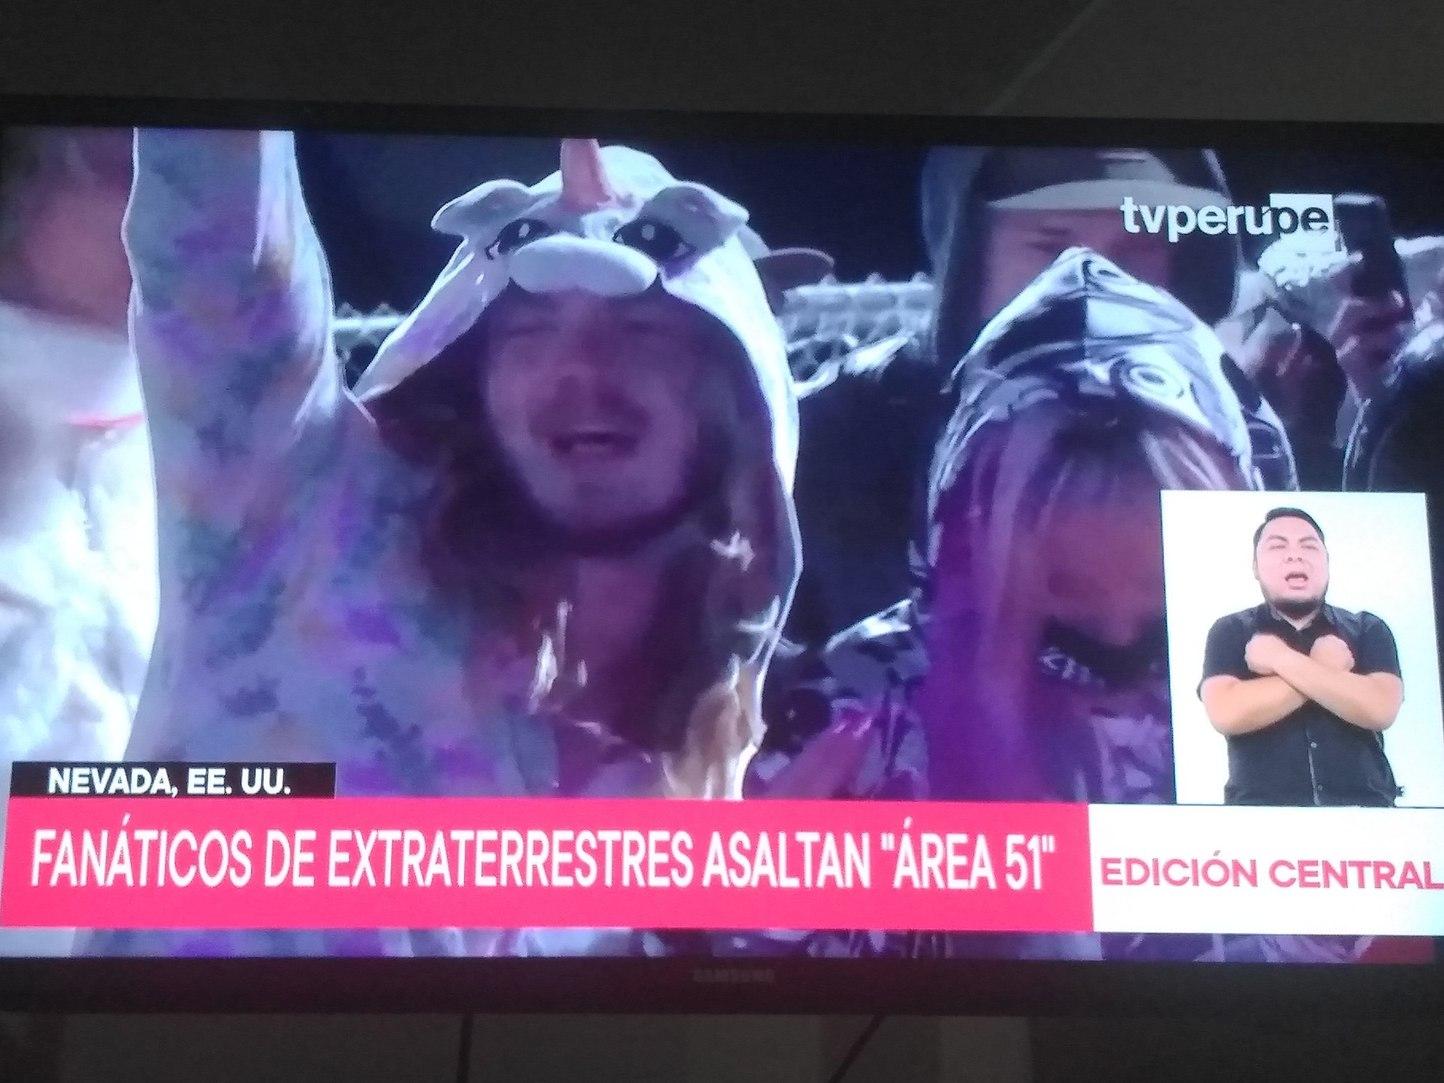 Ya noticia ya salió hasta en Perú, por fin le dan importancia - meme